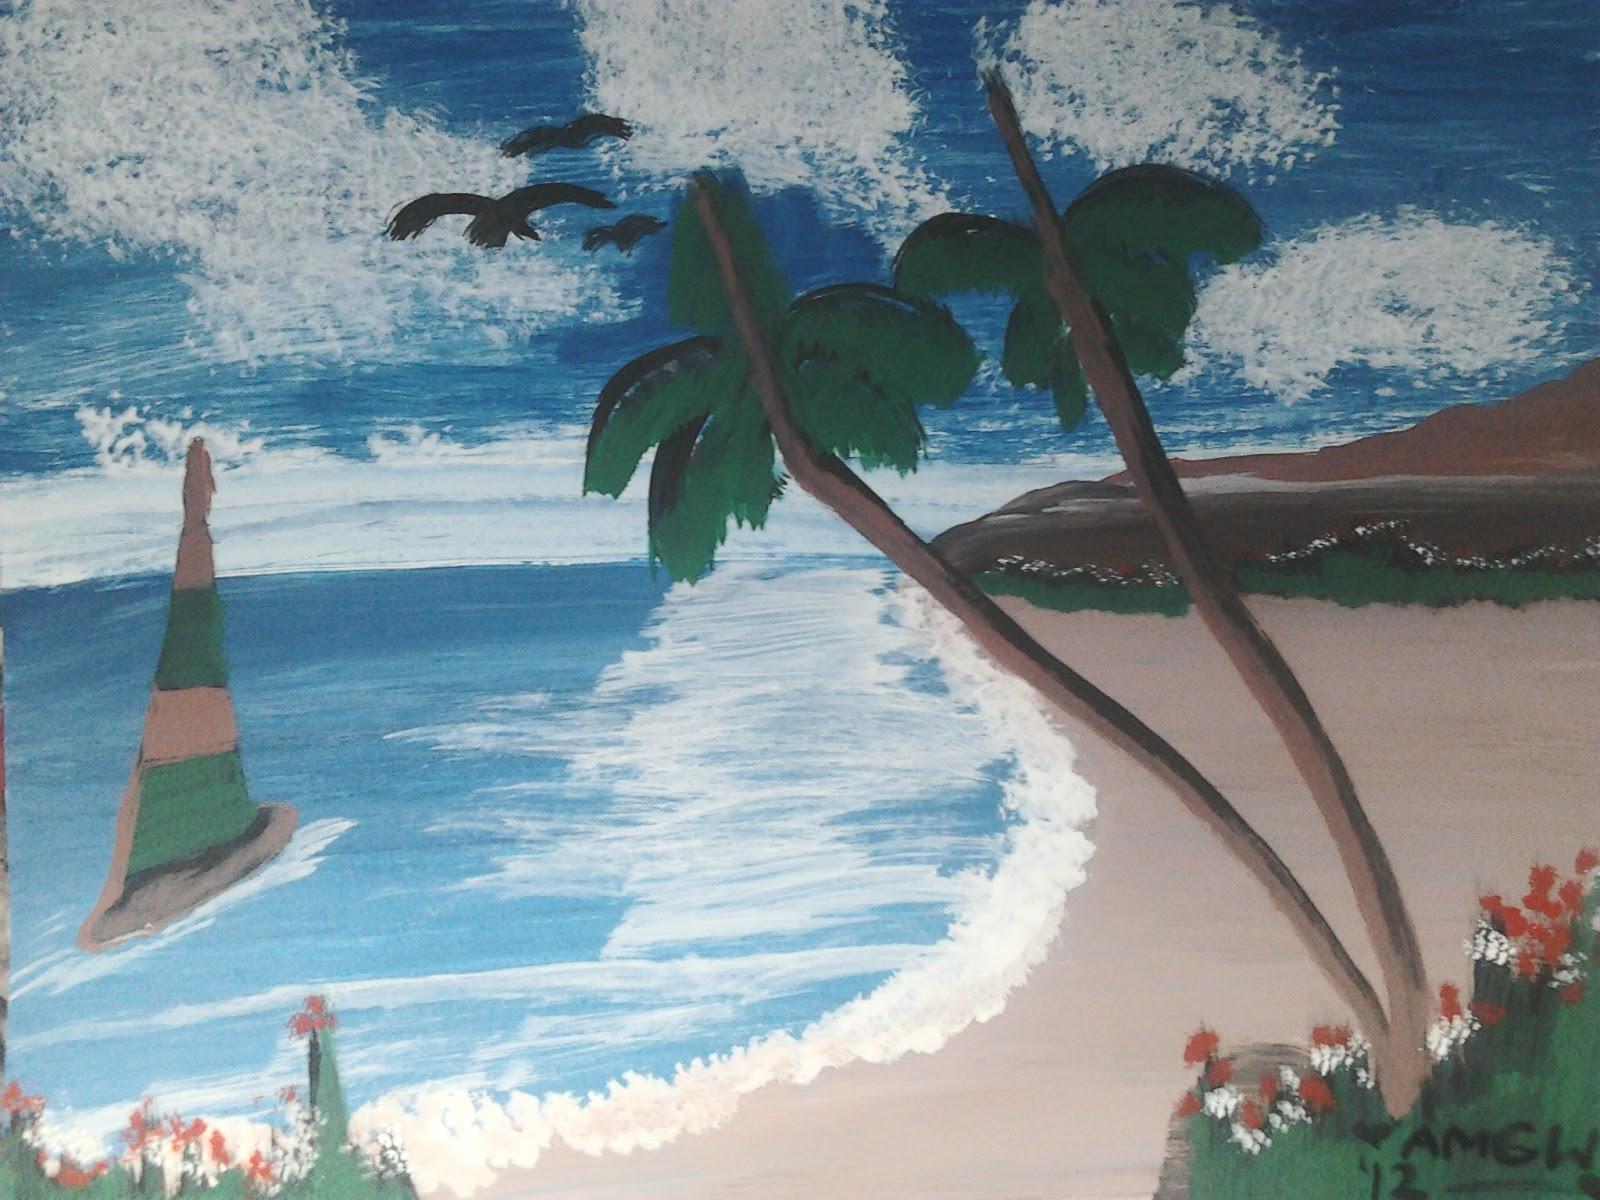 Lukisan Pemandangan Pantai Yang Mudah Ditiru 44916 Loadtve